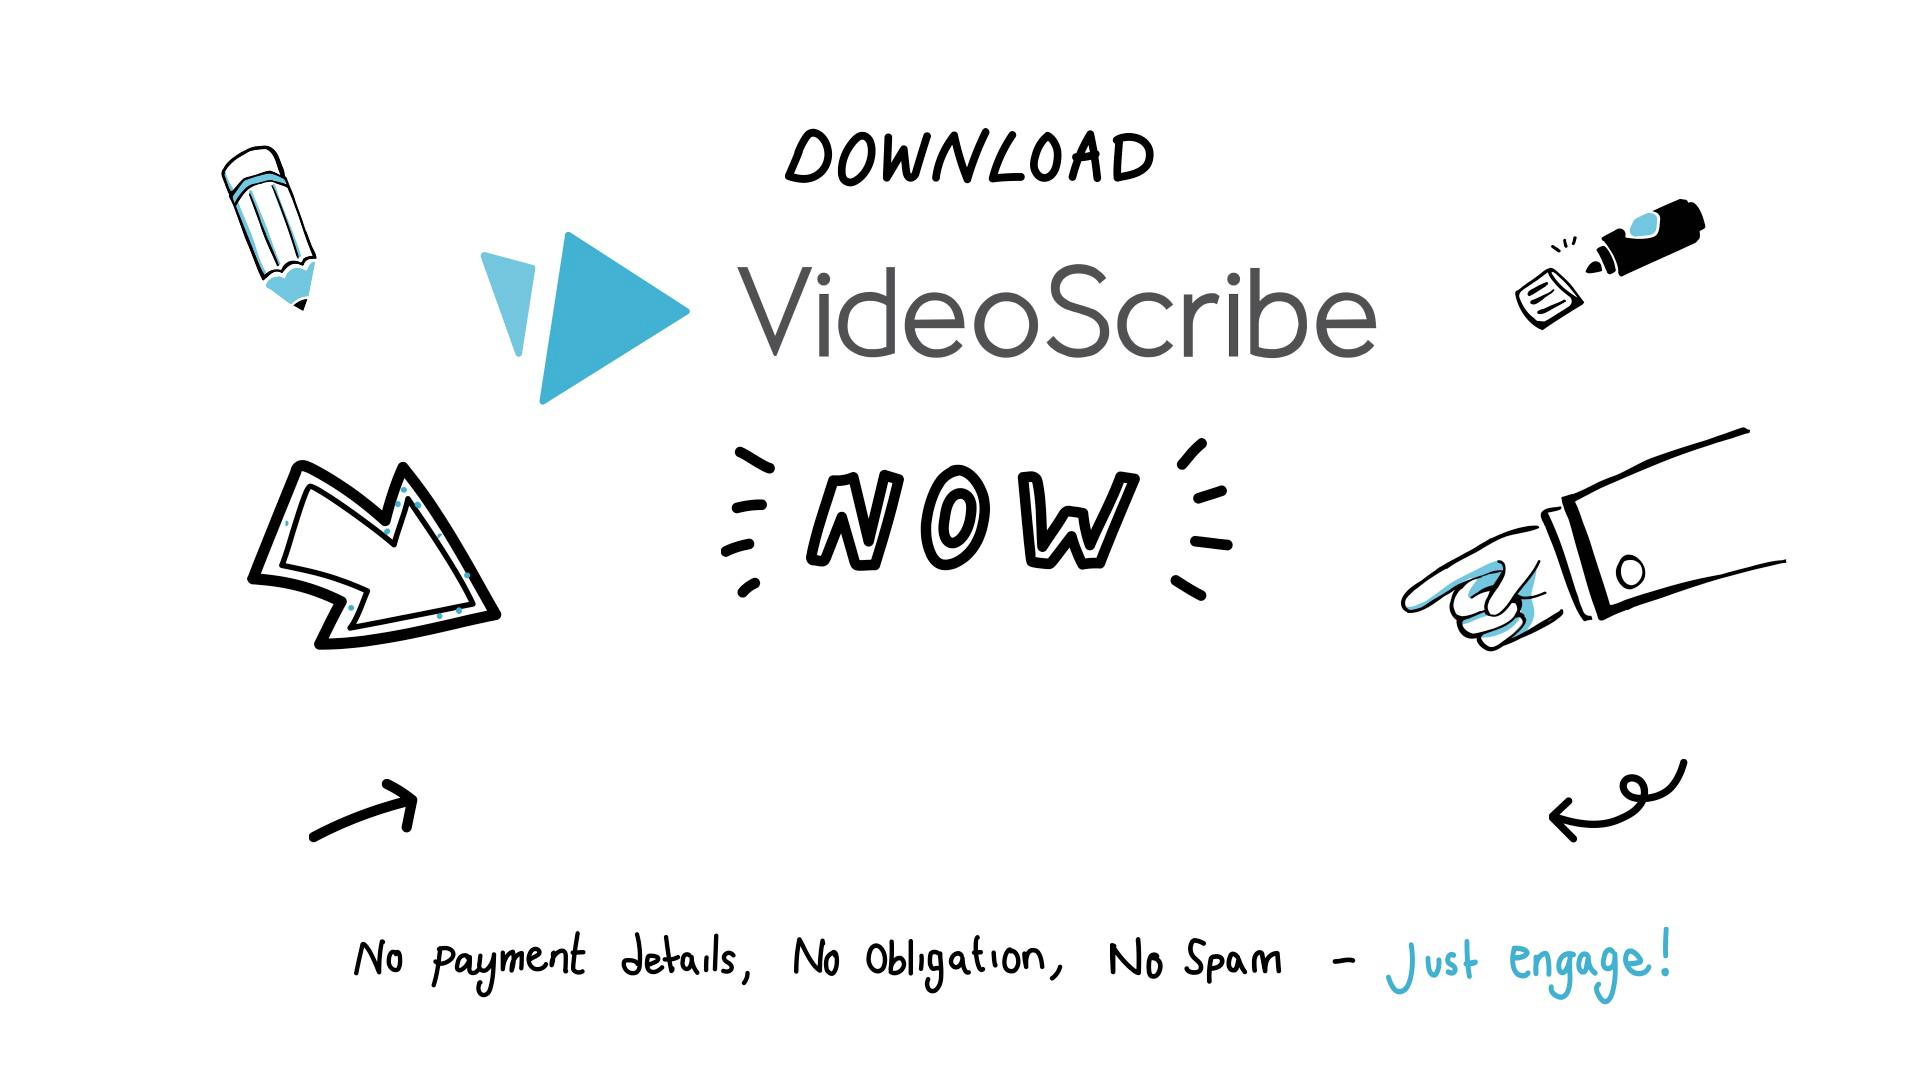 Sparkol VideoScribe